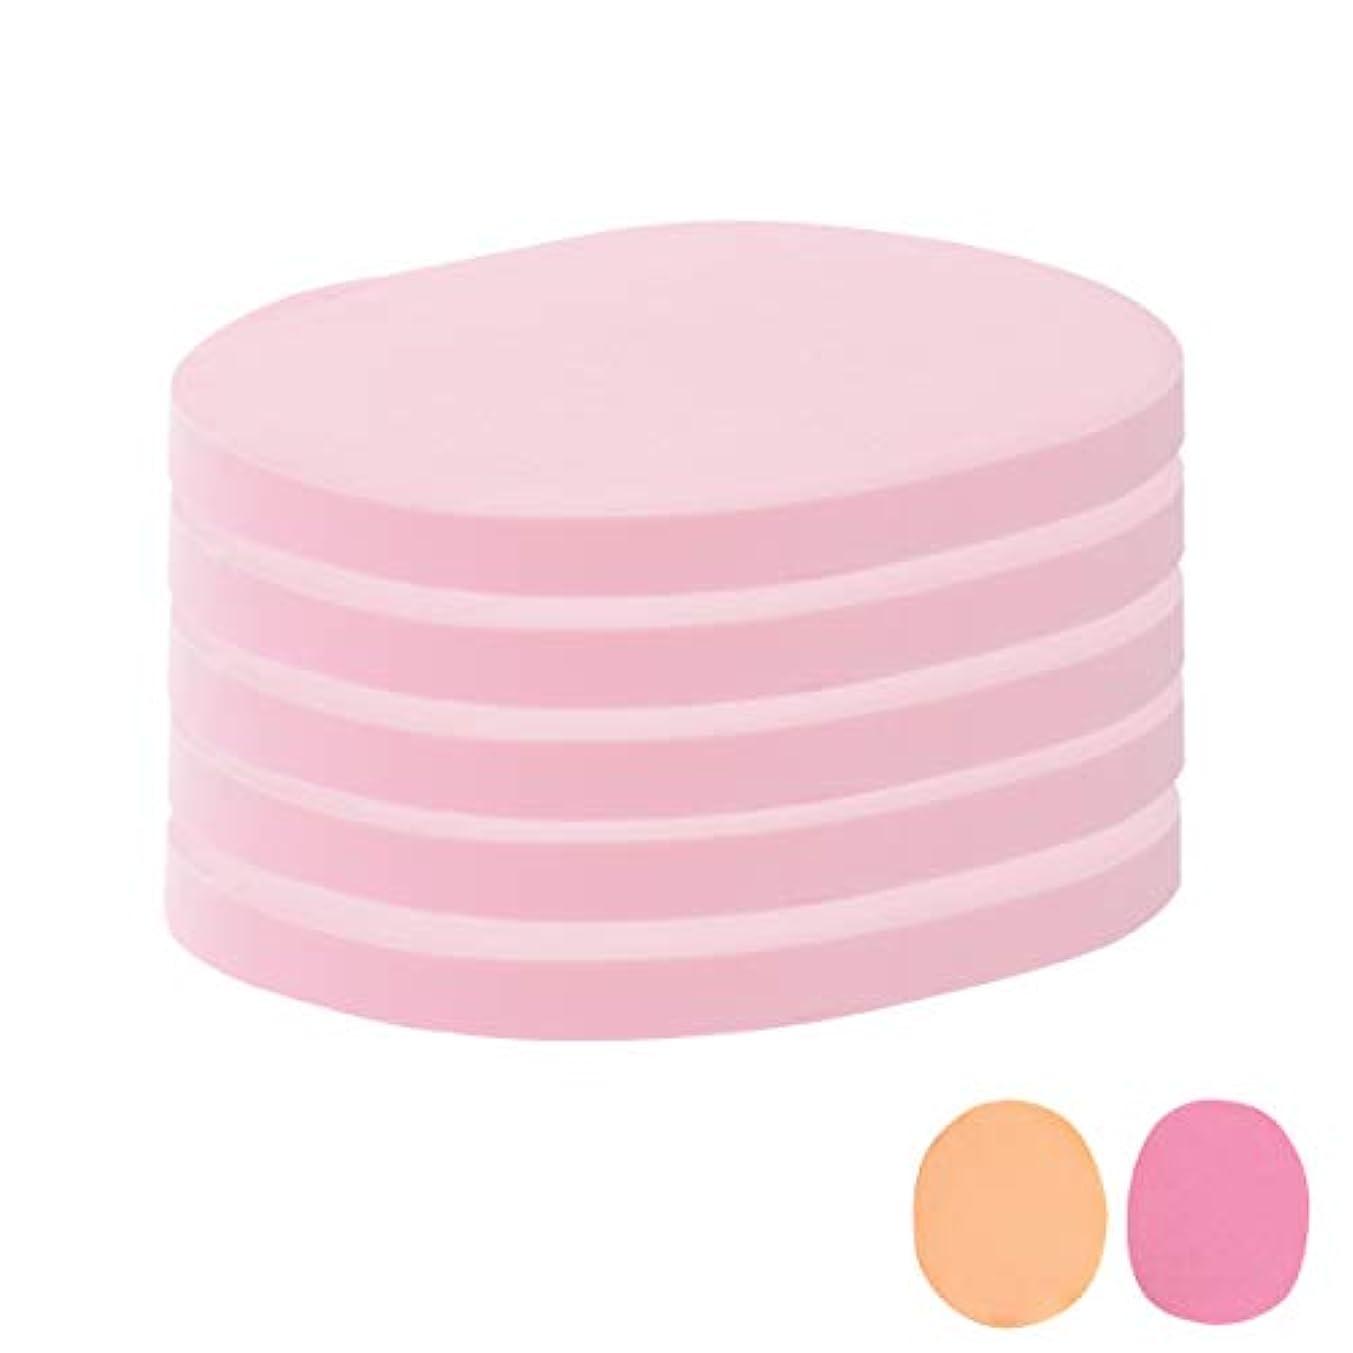 巻き取り予測同情的フェイシャルスポンジ 全4種 10mm厚 (きめ細かい) 5枚入 ピンク [ フェイススポンジ マッサージスポンジ フェイシャル フェイス 顔用 洗顔 エステ スポンジ パフ クレンジング パック マスク 拭き取り ]